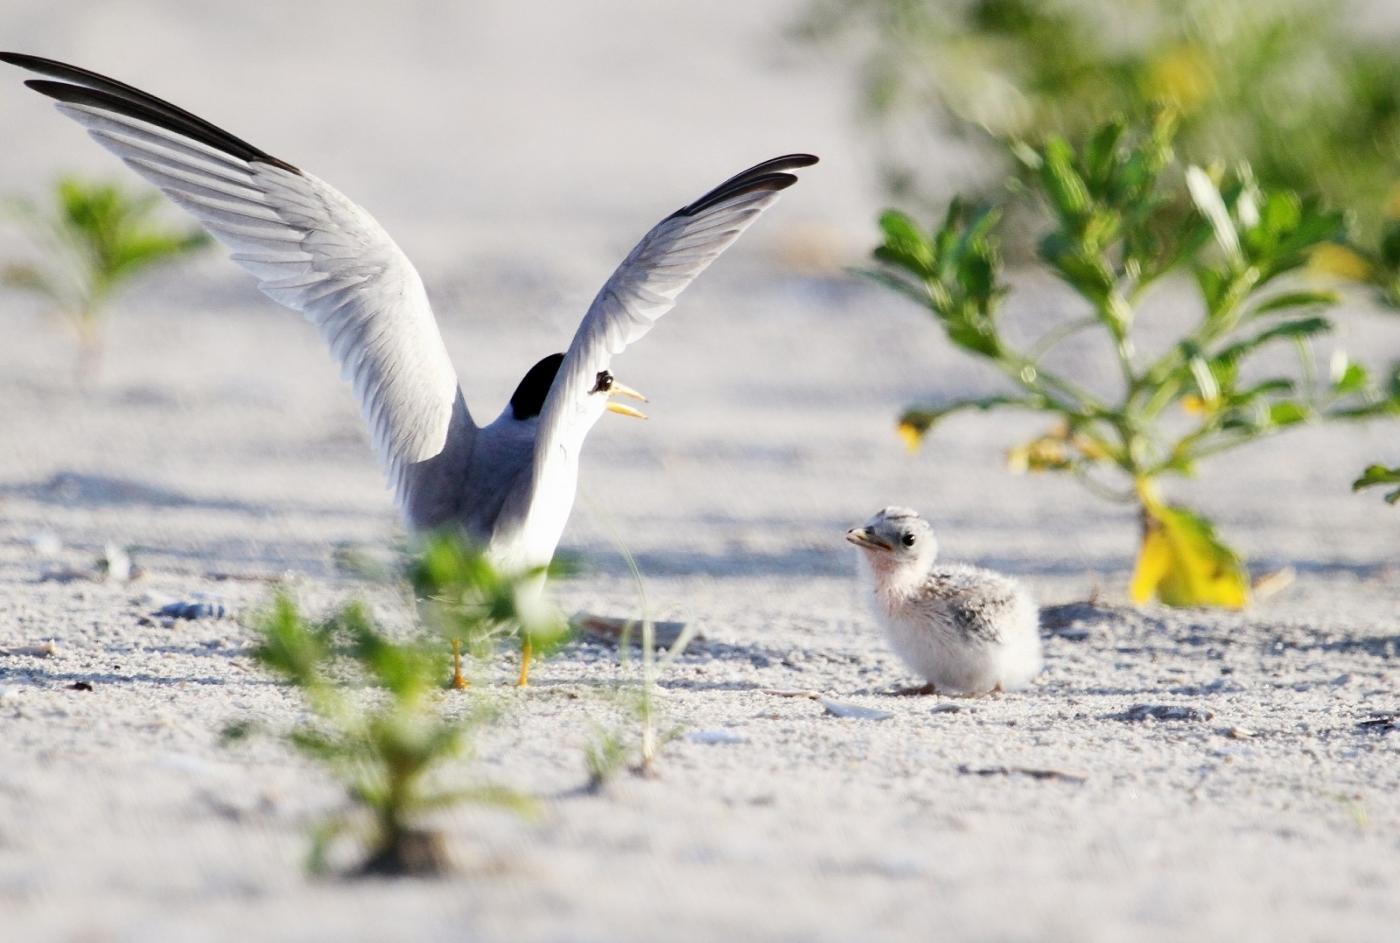 【田螺摄影】黄嘴燕鸥整个出生成长的过程_图1-17